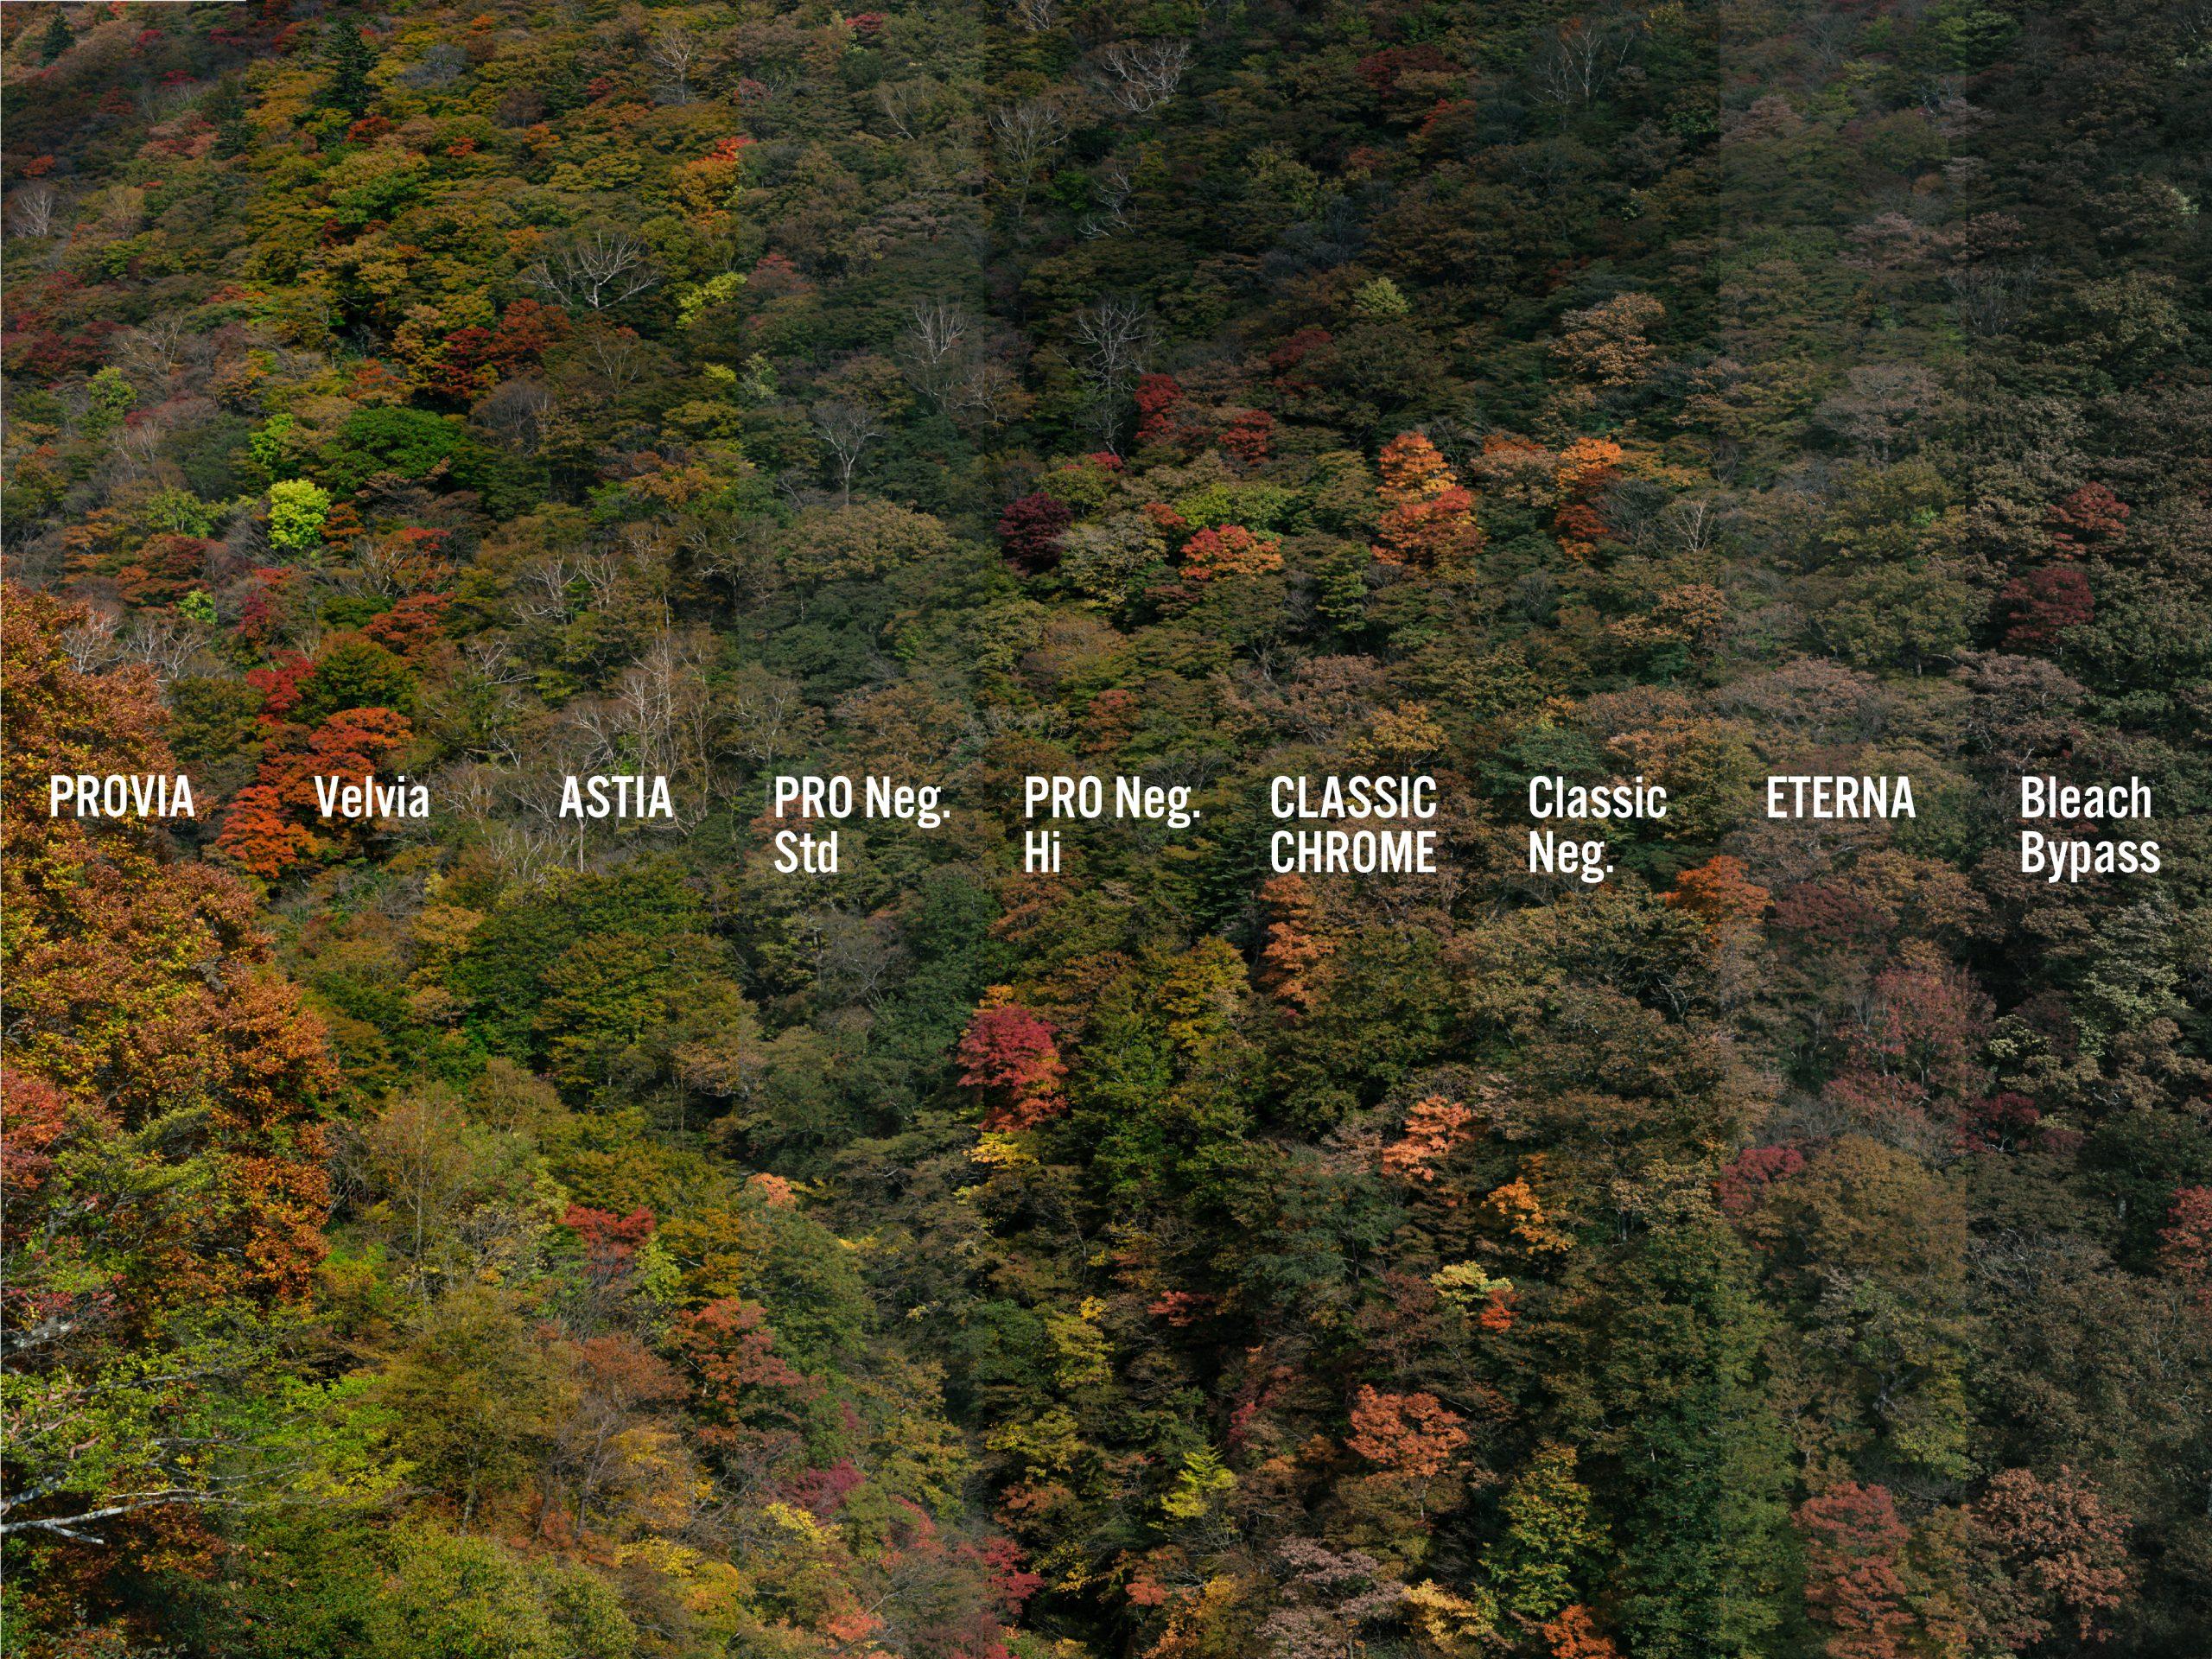 【FUJIFILM】Climb Mt.Fujifilm Day.4